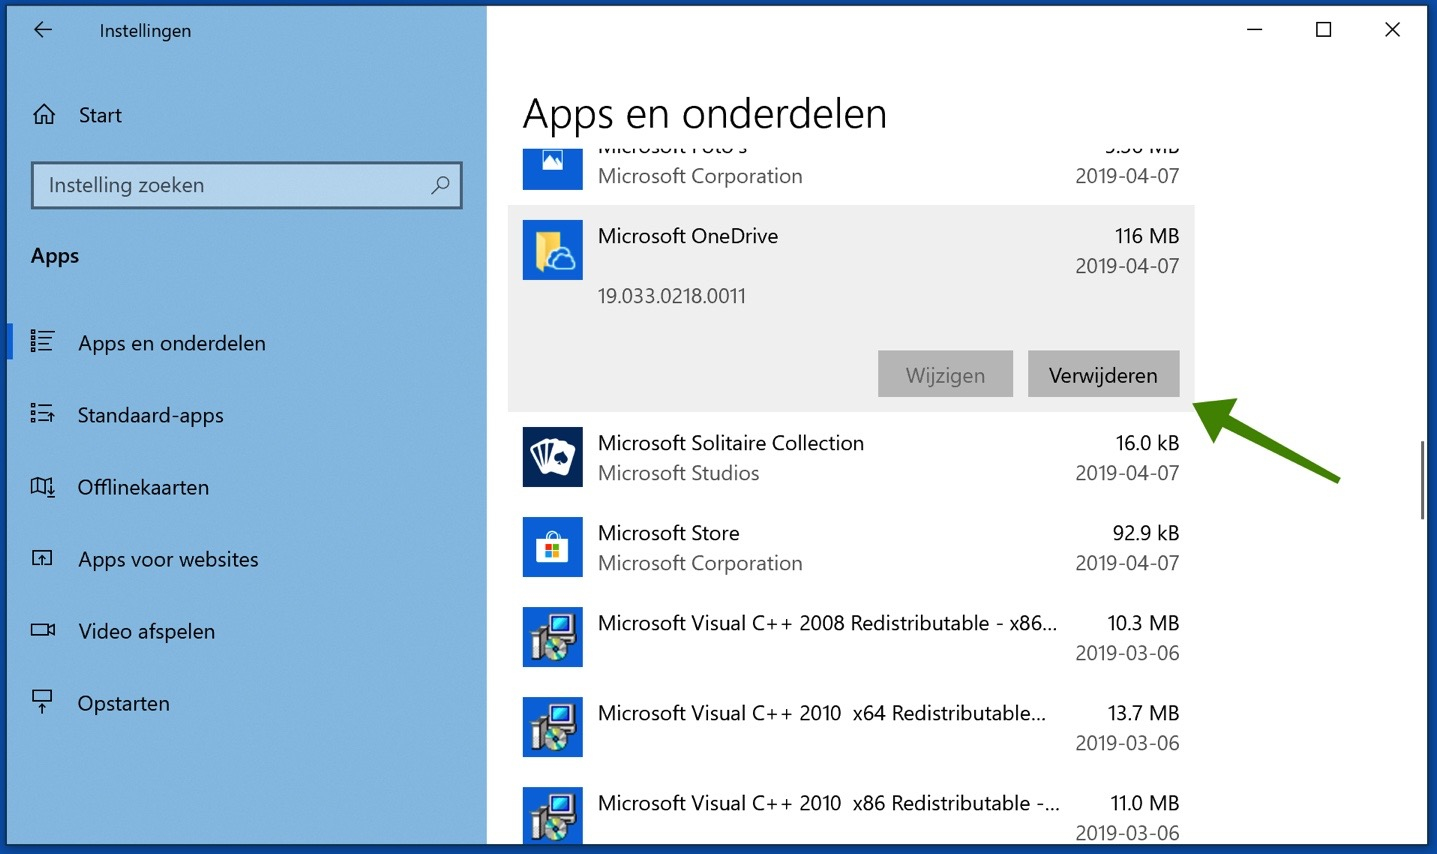 apps verwijderen windows 10